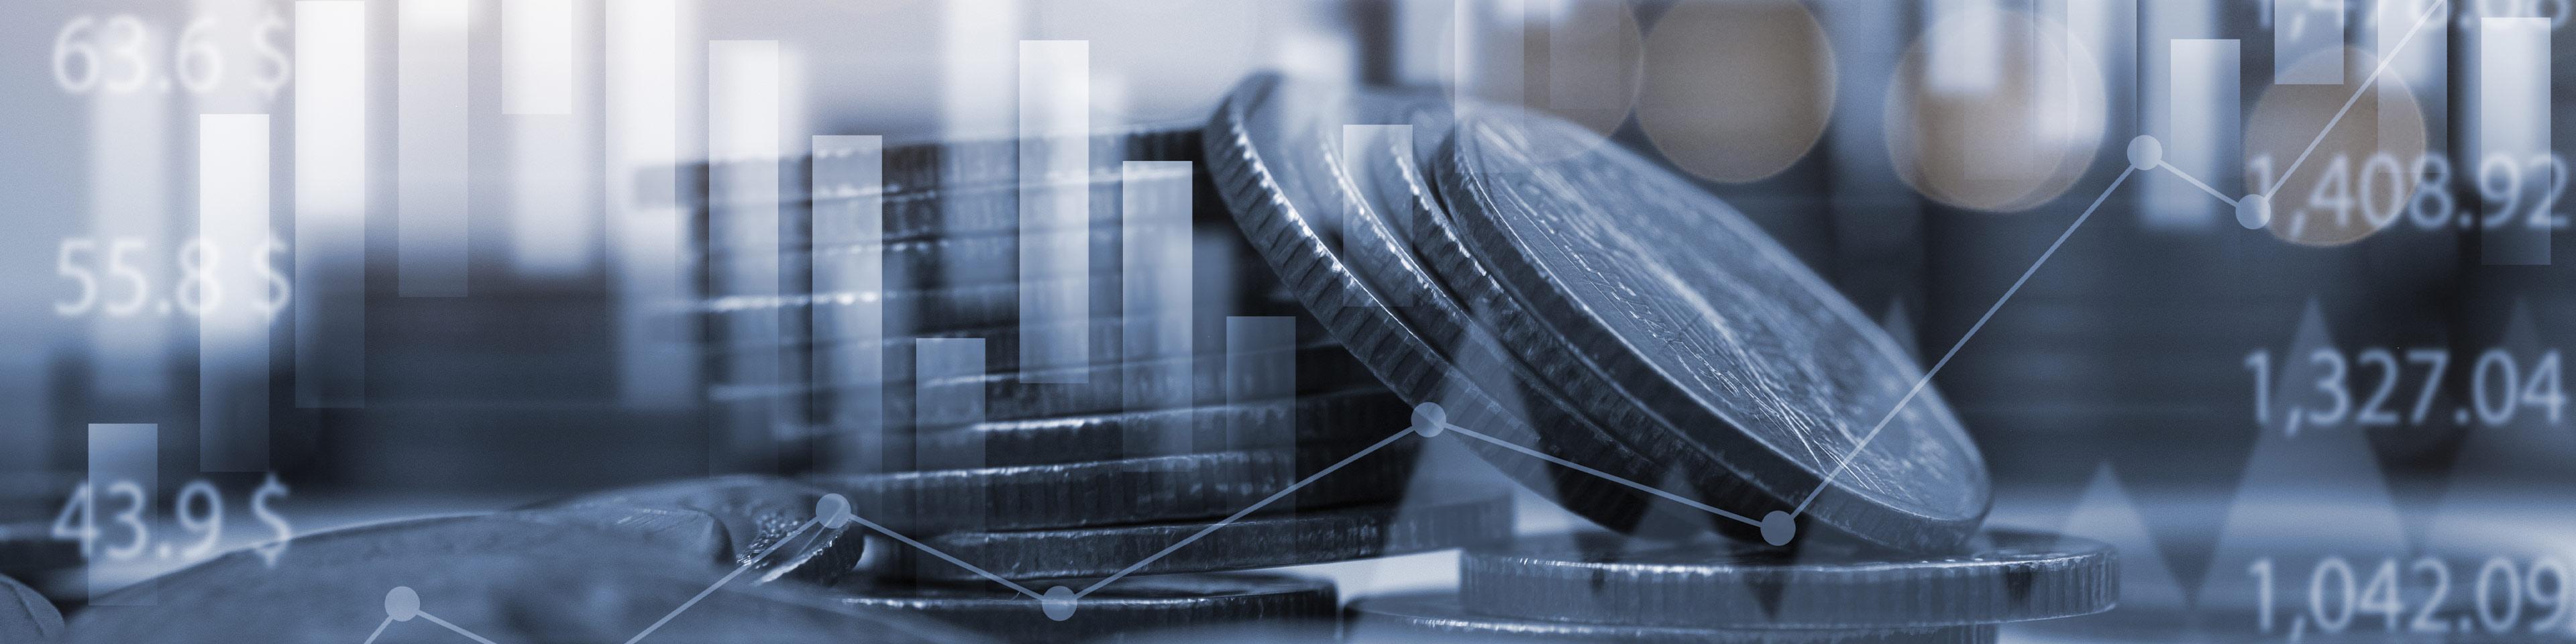 Sostegno alle imprese: le misure previste dal Decreto Sostegni